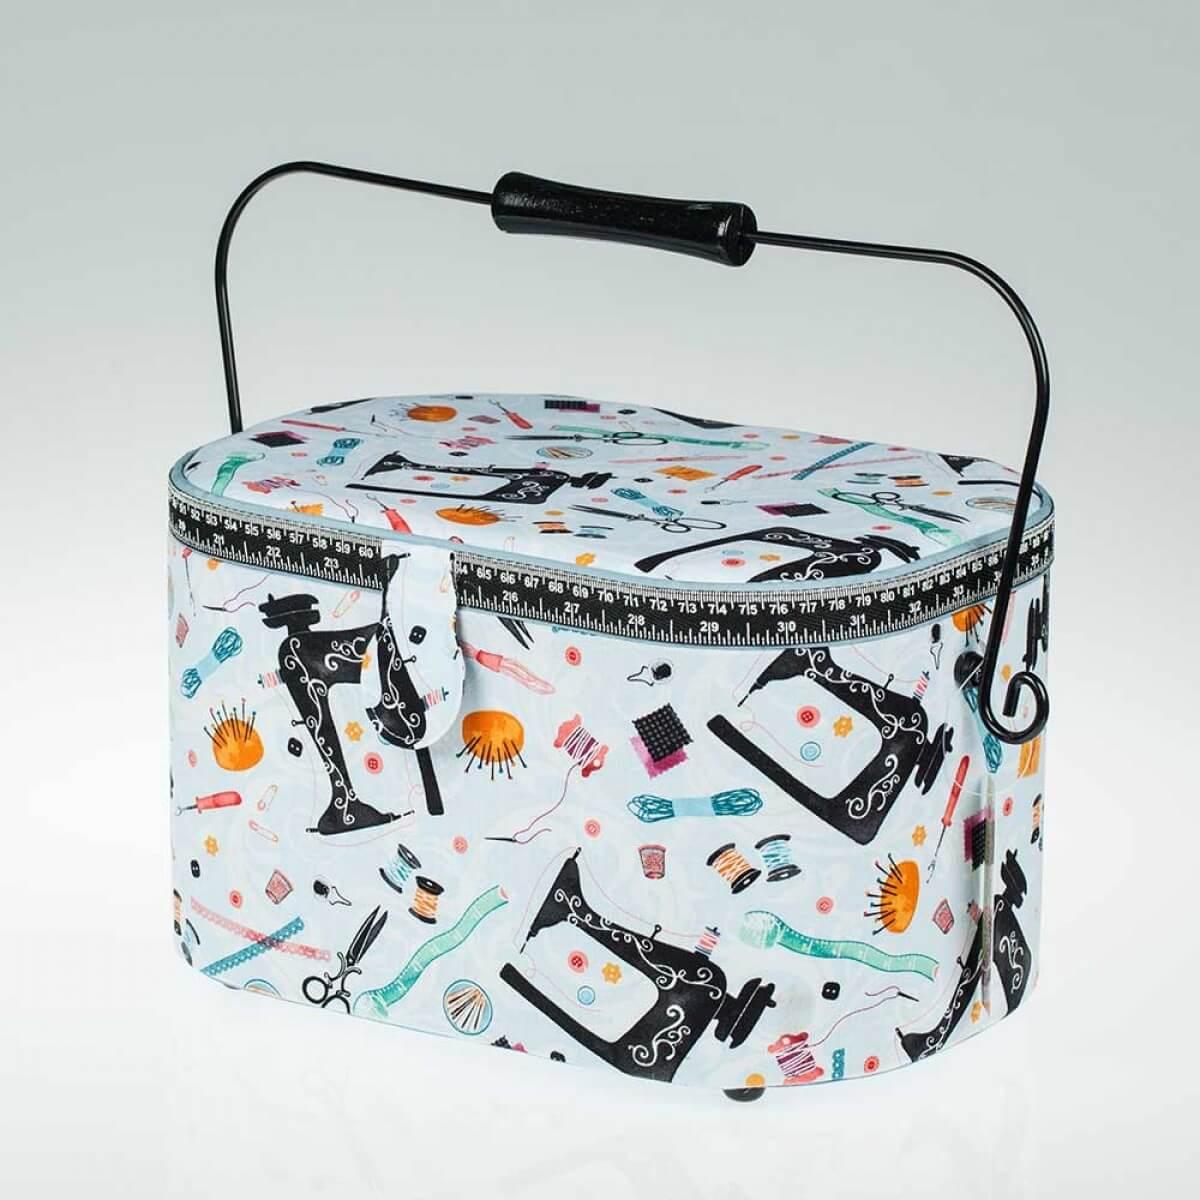 Boite couture tissu couture addict for Couture boite